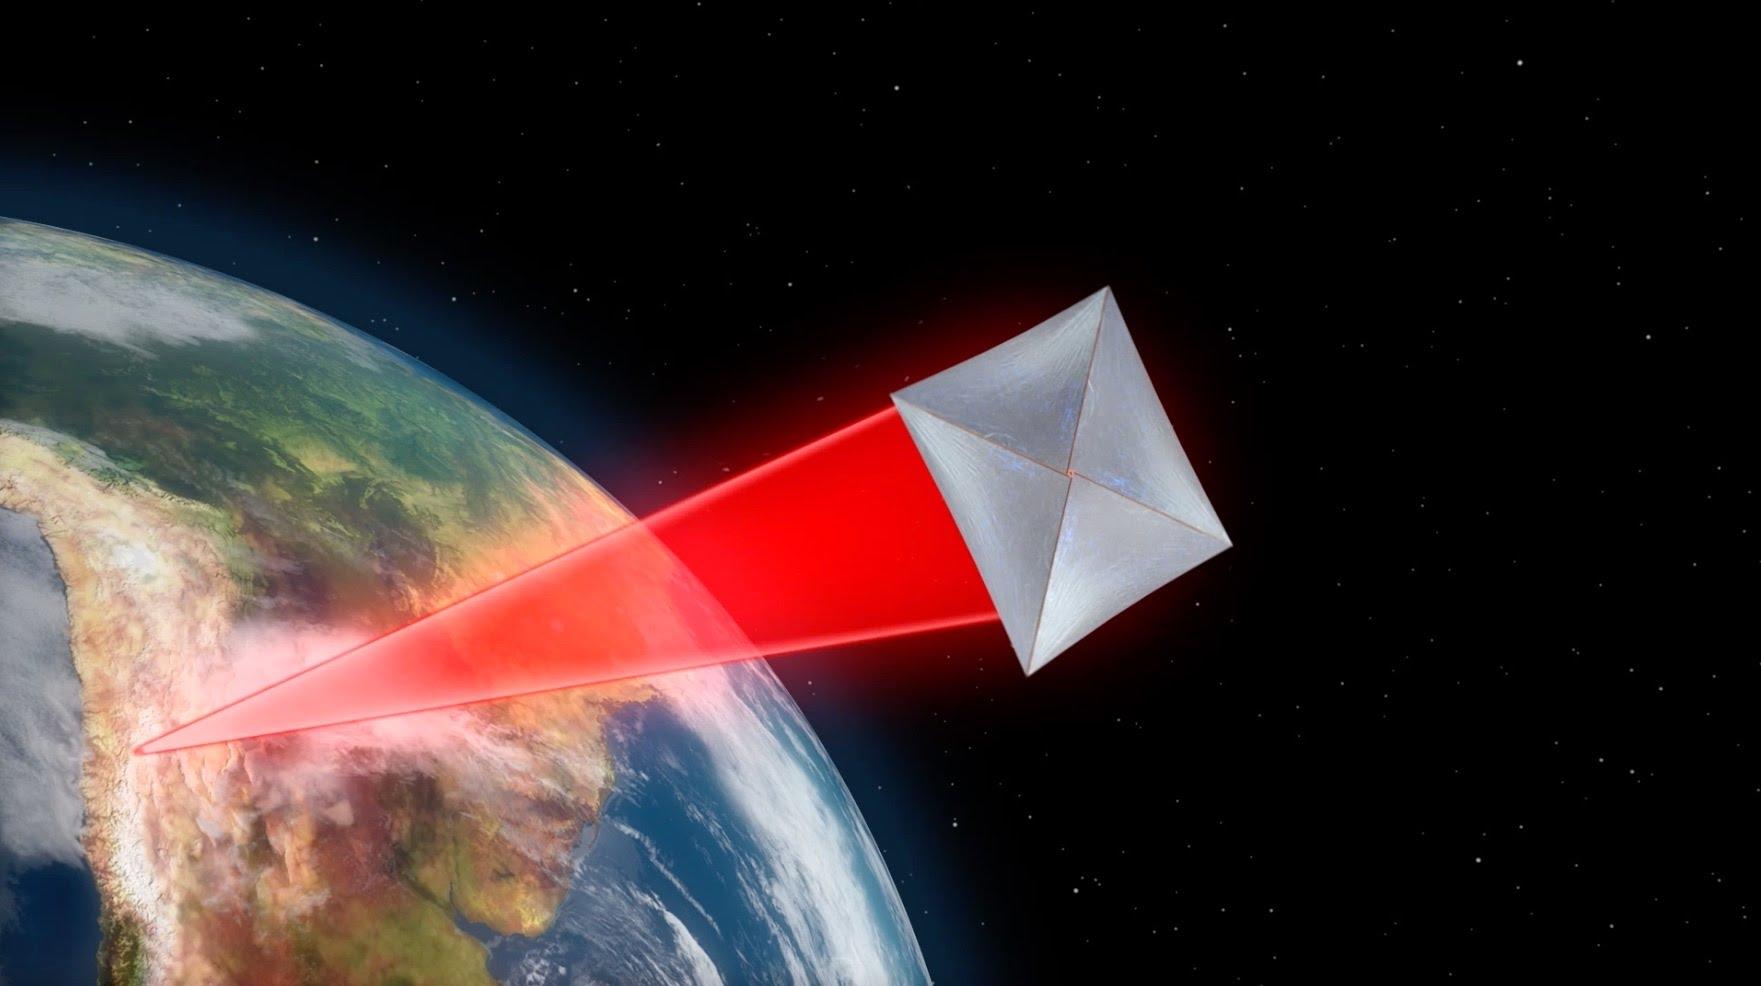 03 – Dle představ tvůrců by sonda měla být schopna dosáhnout pětiny rychlosti světla